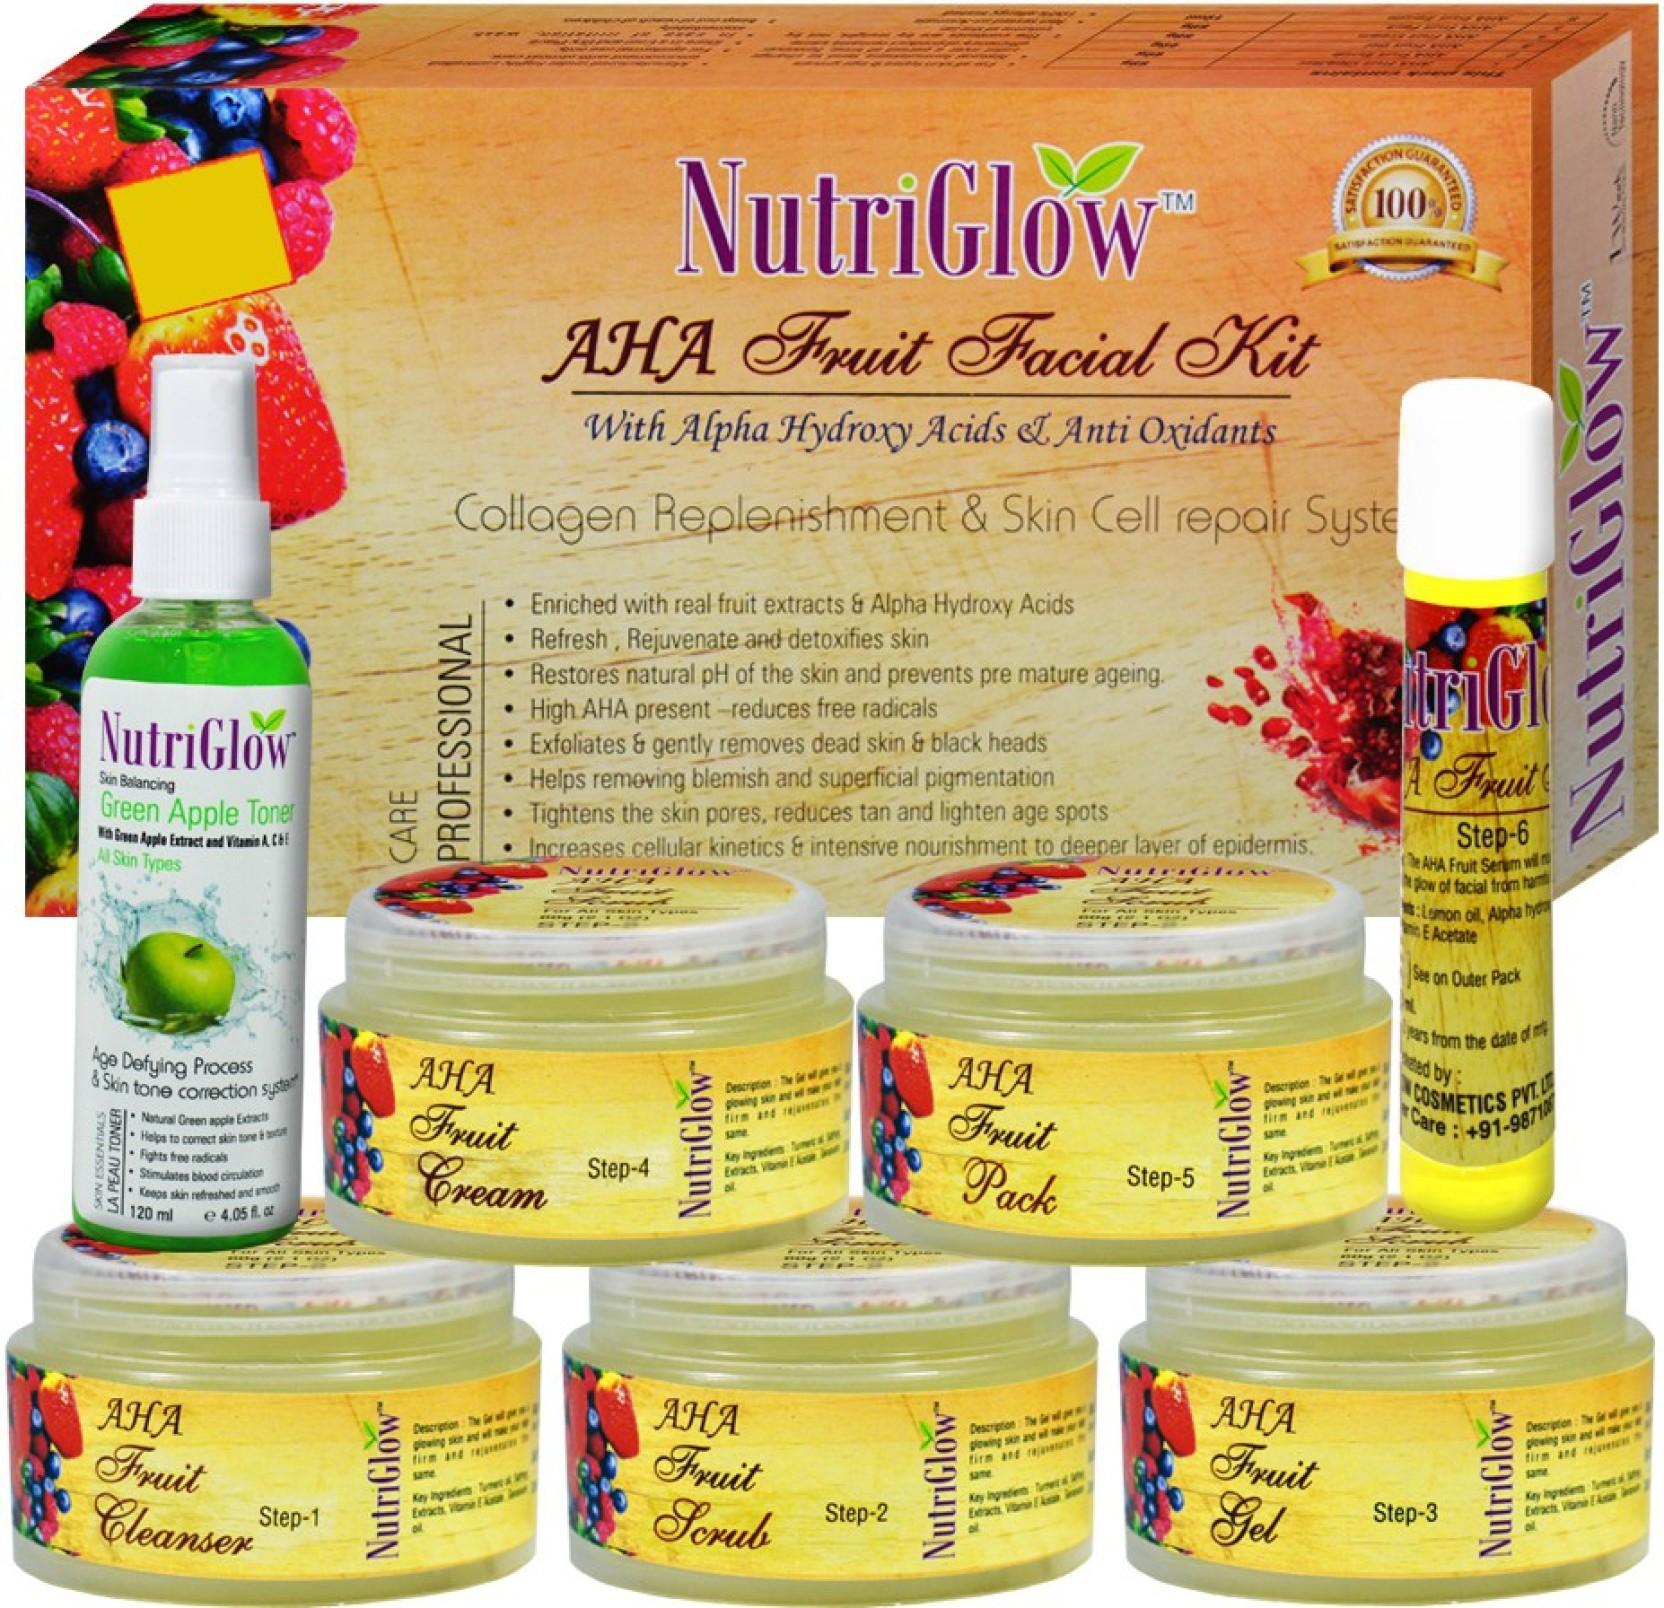 Circuito Alpha : Nutriglow aha fruit facial kit with alpha hydroxy acids anti